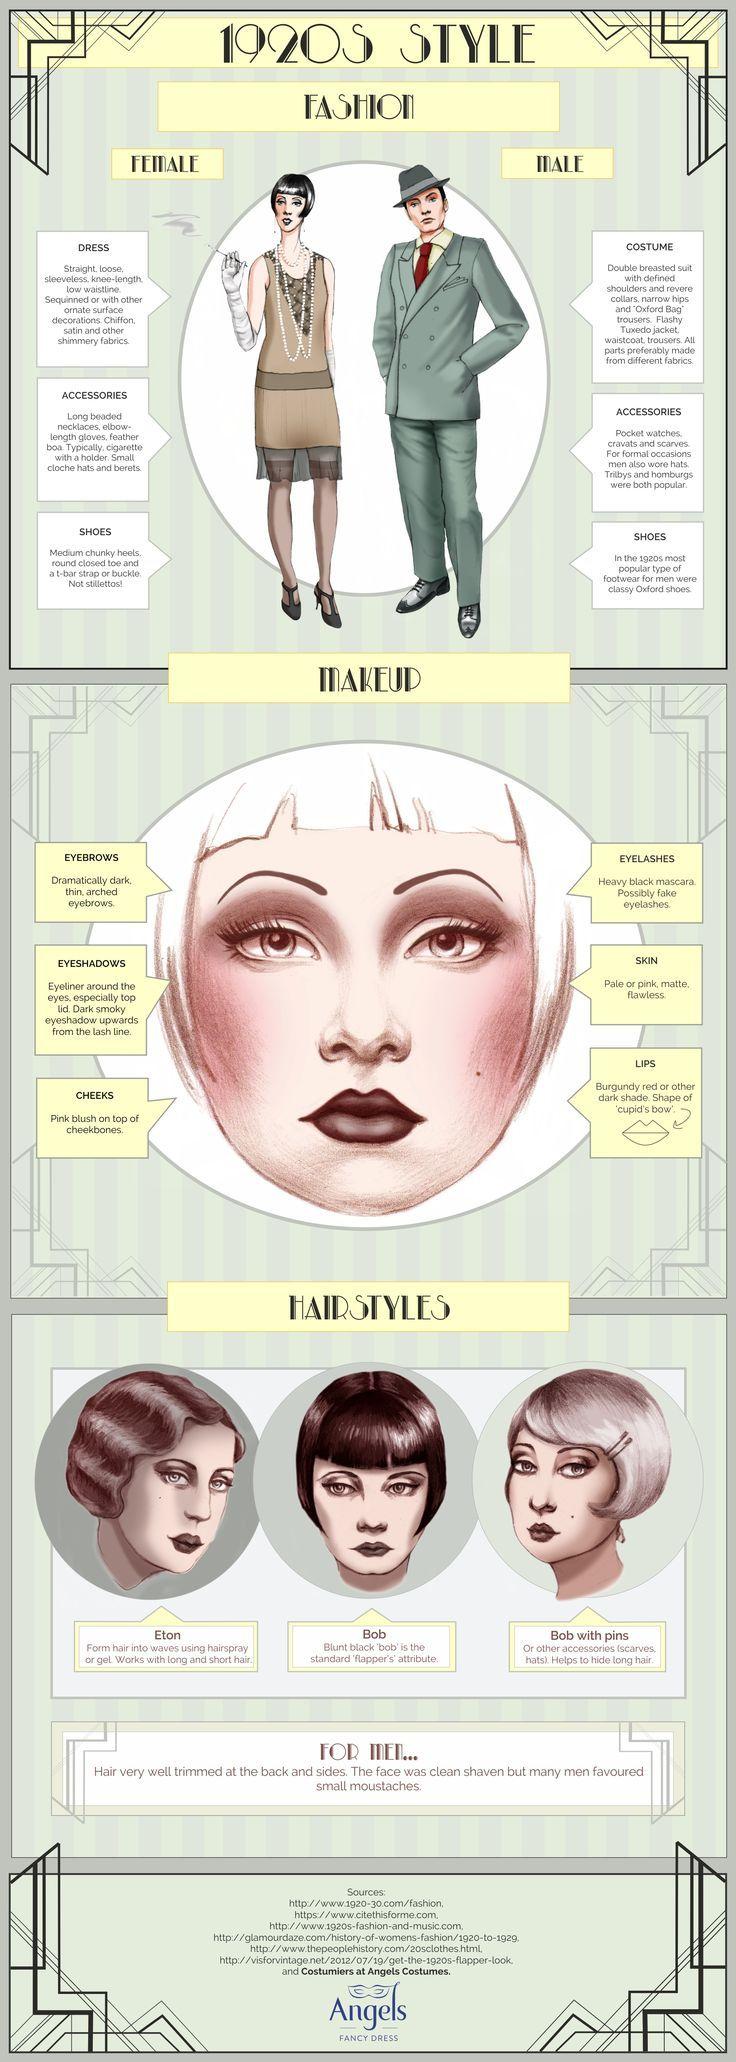 Fashion infographic : Década de 20. Melhor década. More